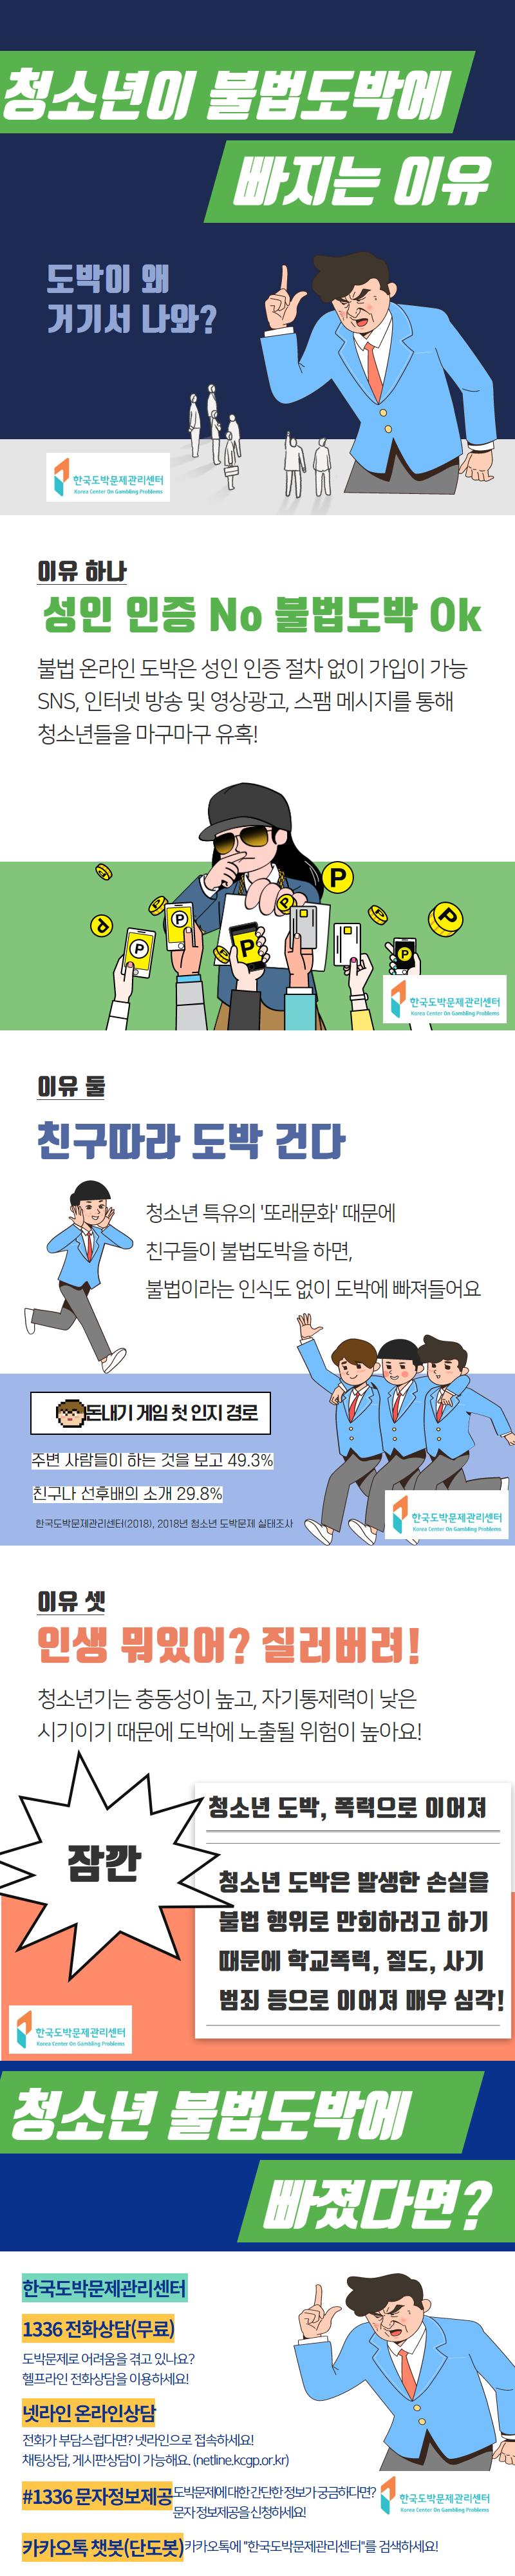 청소년이 불법도박에 빠지는 이유_카드뉴스_합본.png